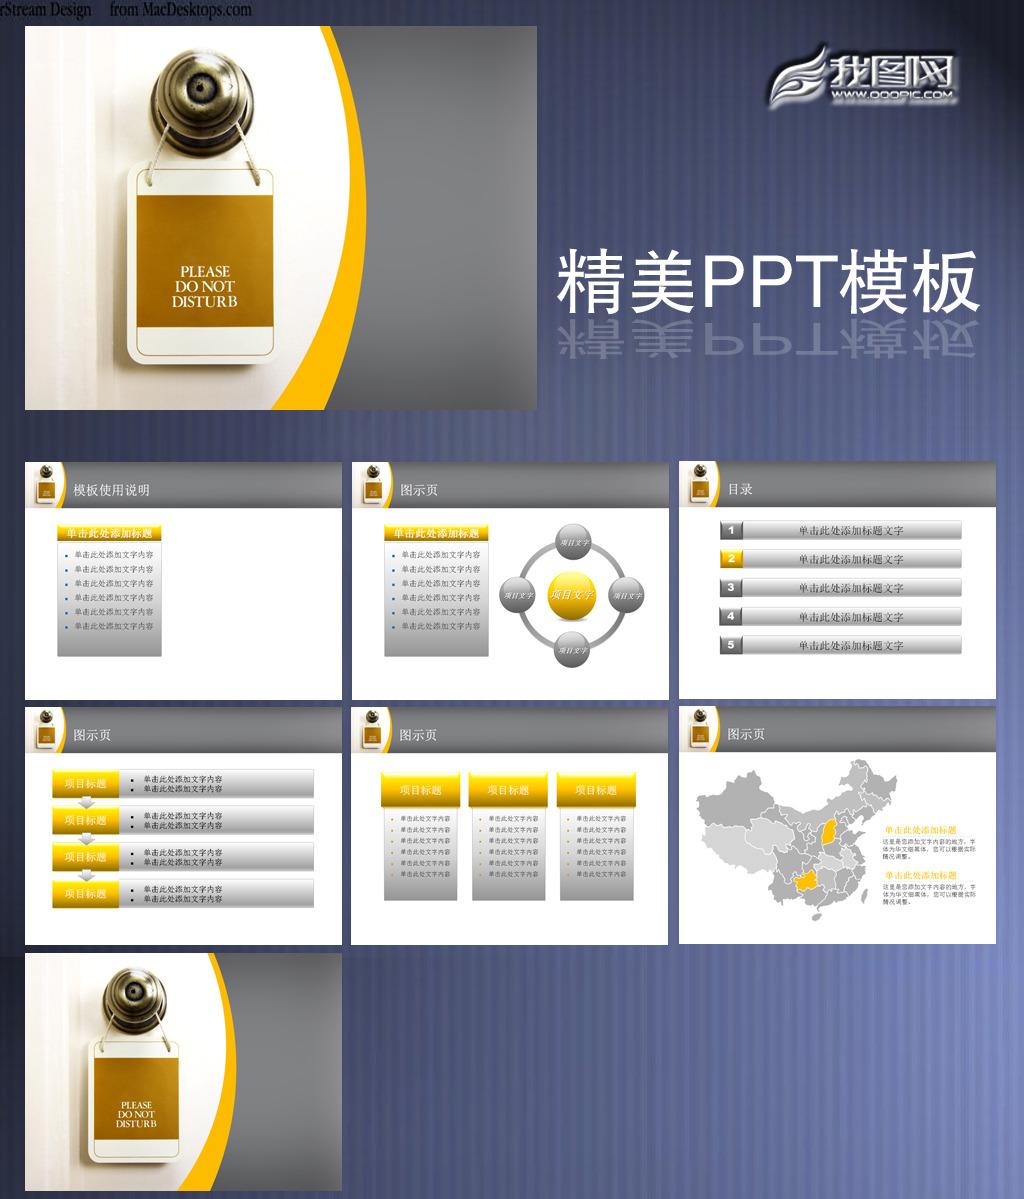 ppt模板模板下载 ppt模板图片下载